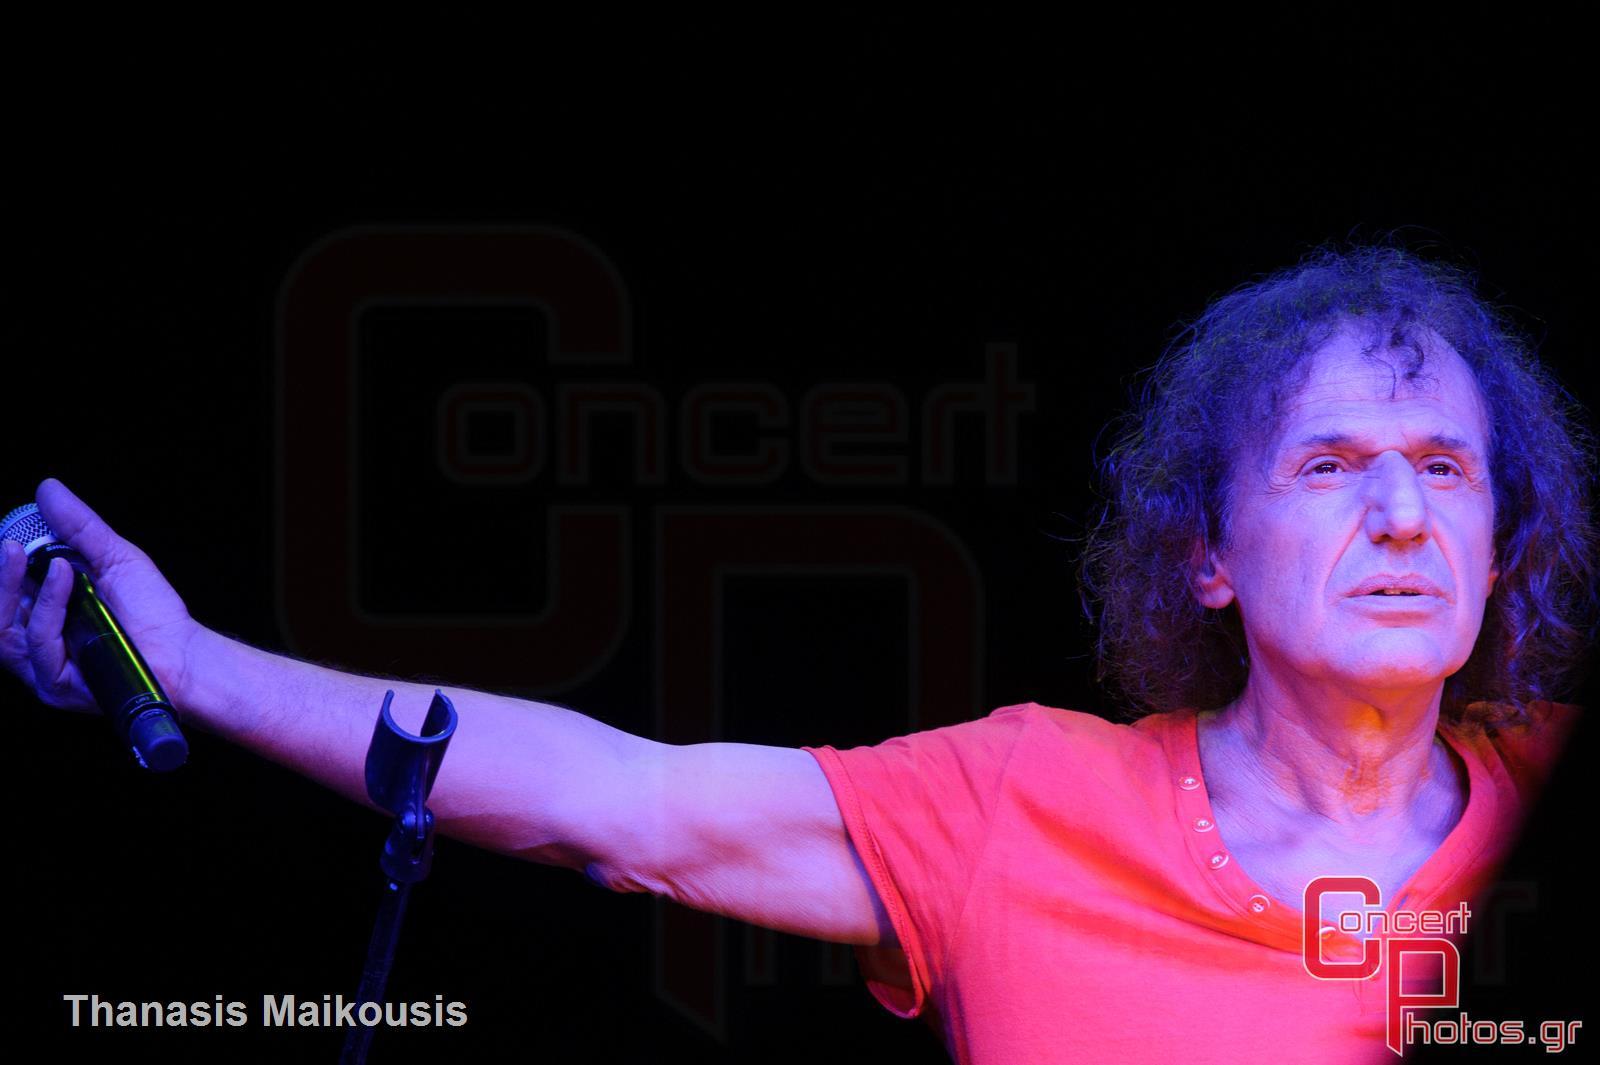 Βασίλης Παπακωνσταντίνου - 40 Χρόνια Έφηβος- photographer: Thanasis Maikousis - concertphotos_-4658